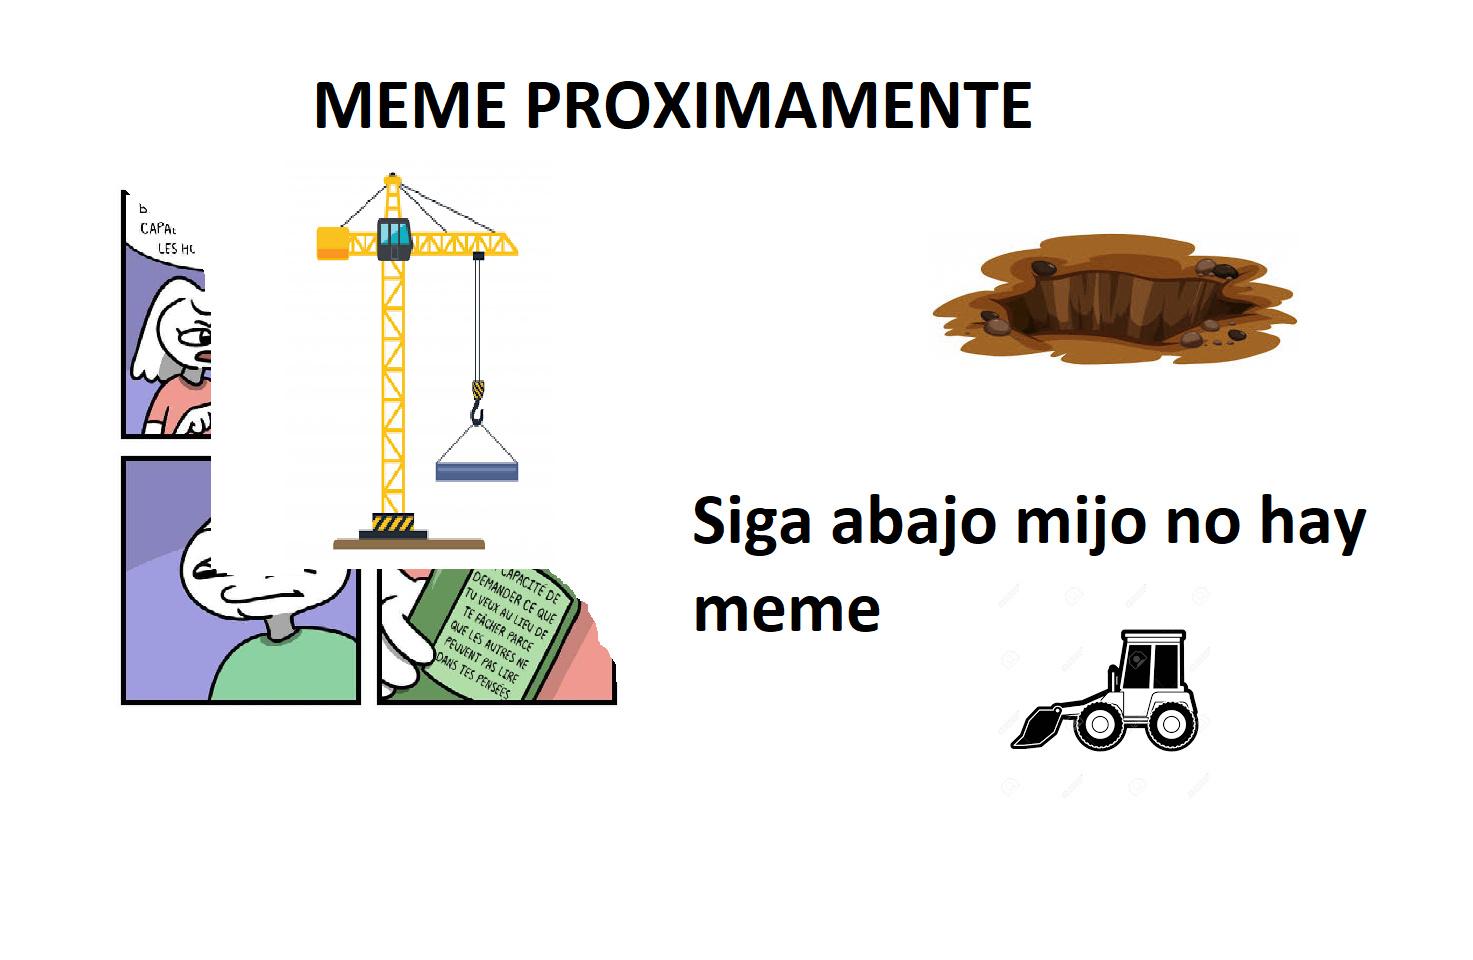 ayuden a construir - meme